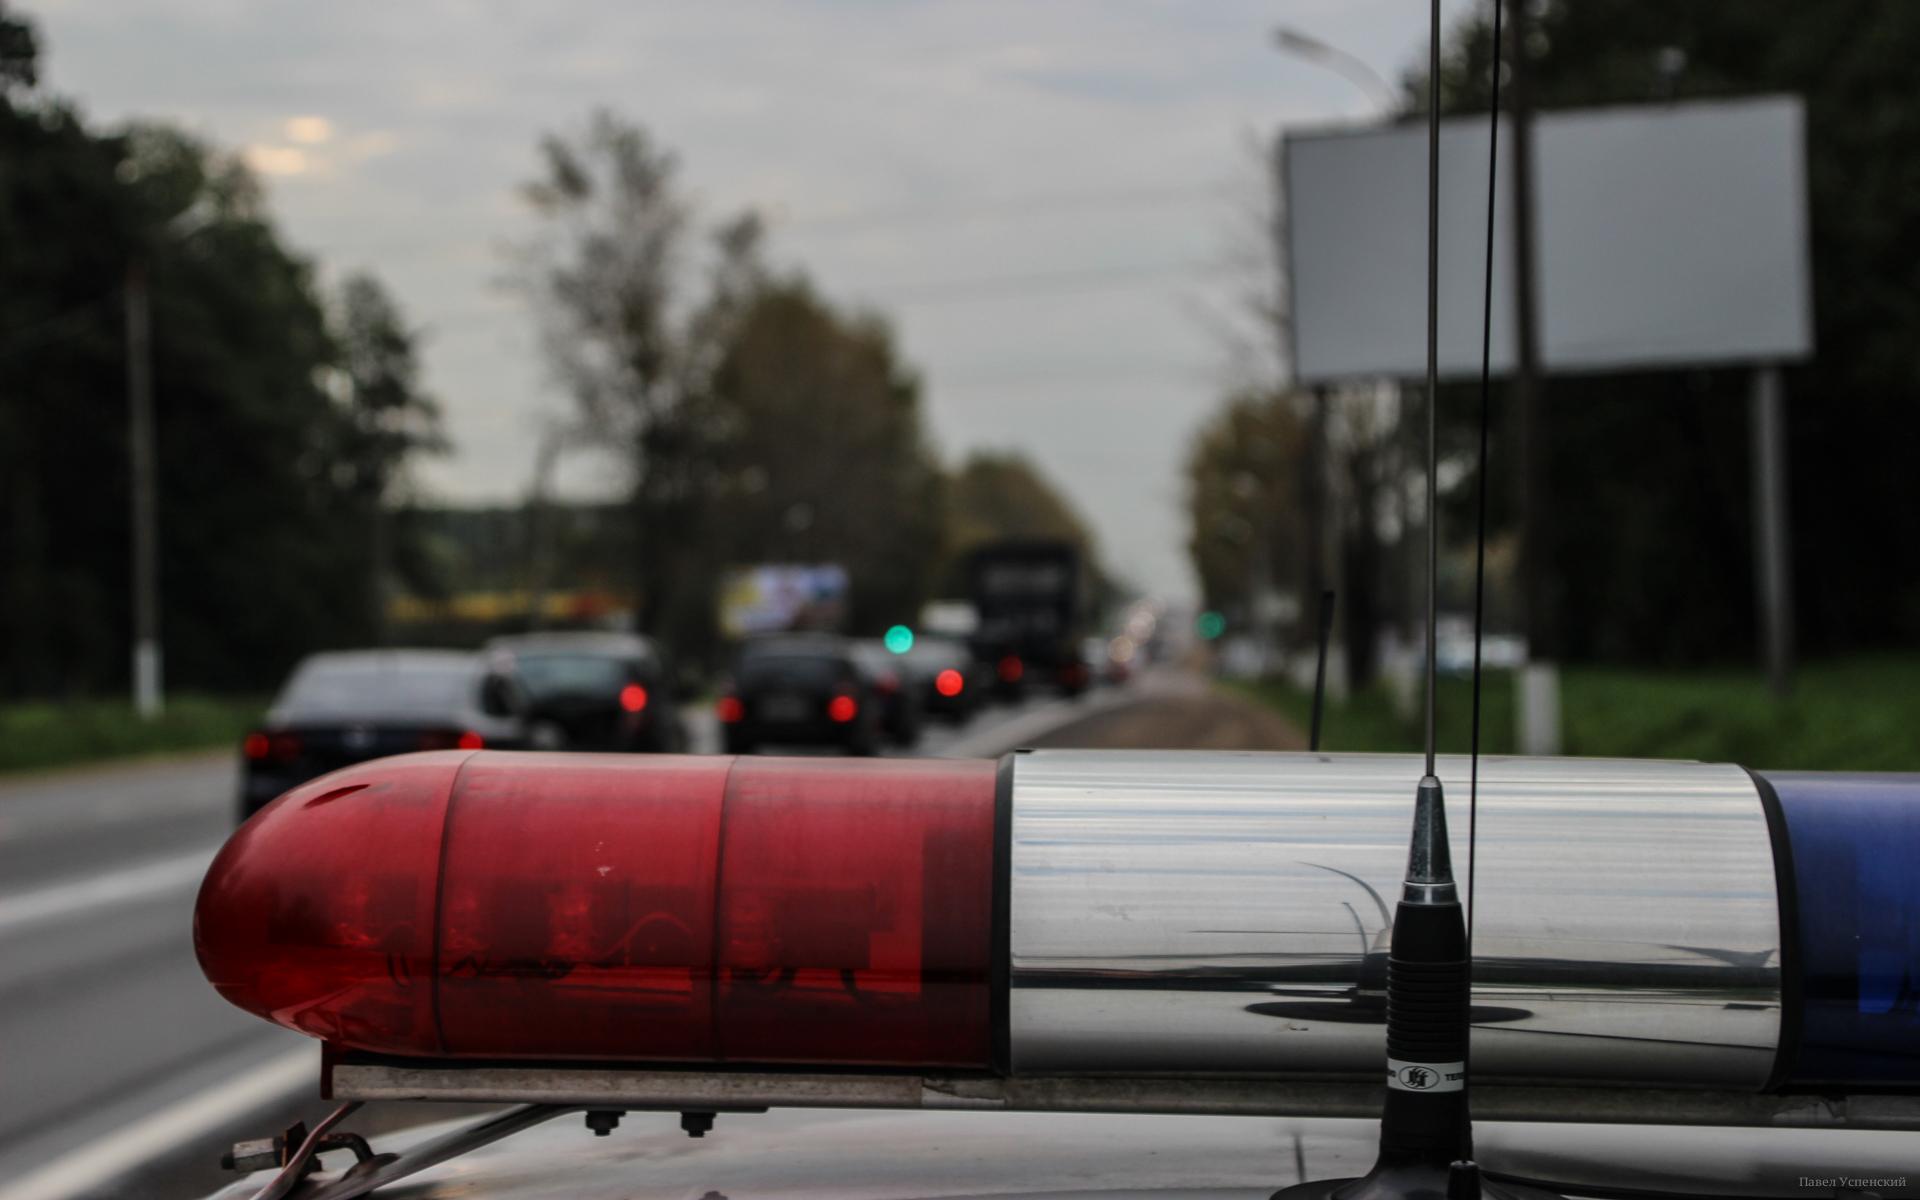 В Тверской области ведут розыск водителя, сбившего двух пешеходов - новости Афанасий